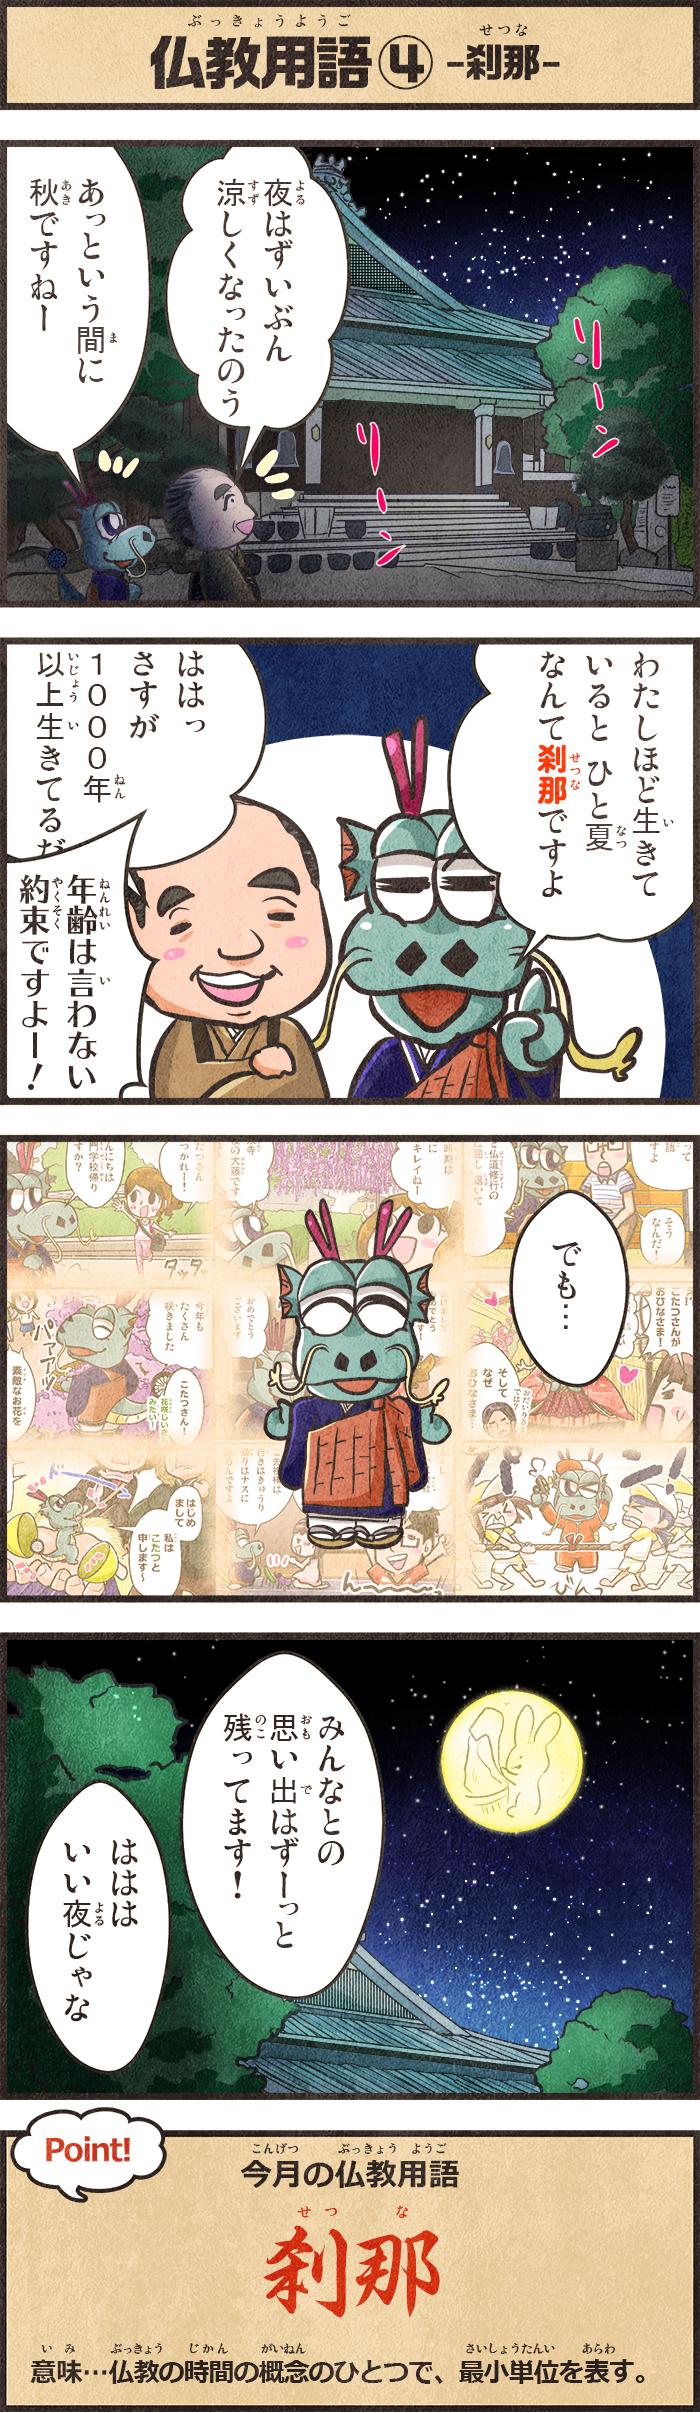 170905_kotatsu_4koma_21